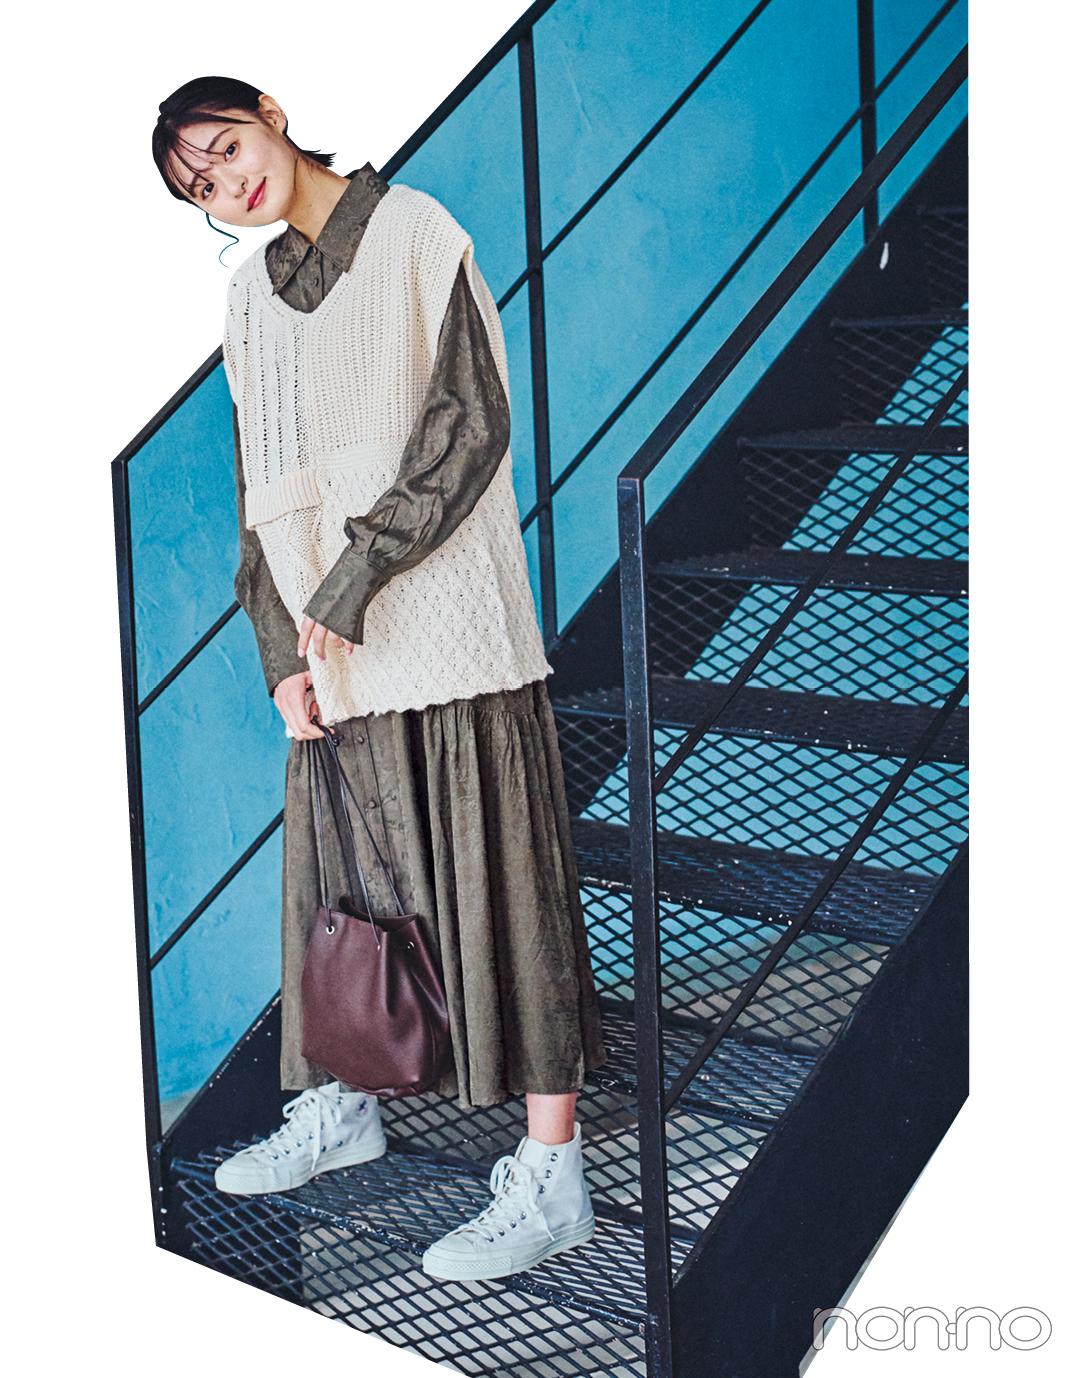 Photo Gallery 着こなしの参考に♡ ノンノモデルのリアル私服を公開!_1_25